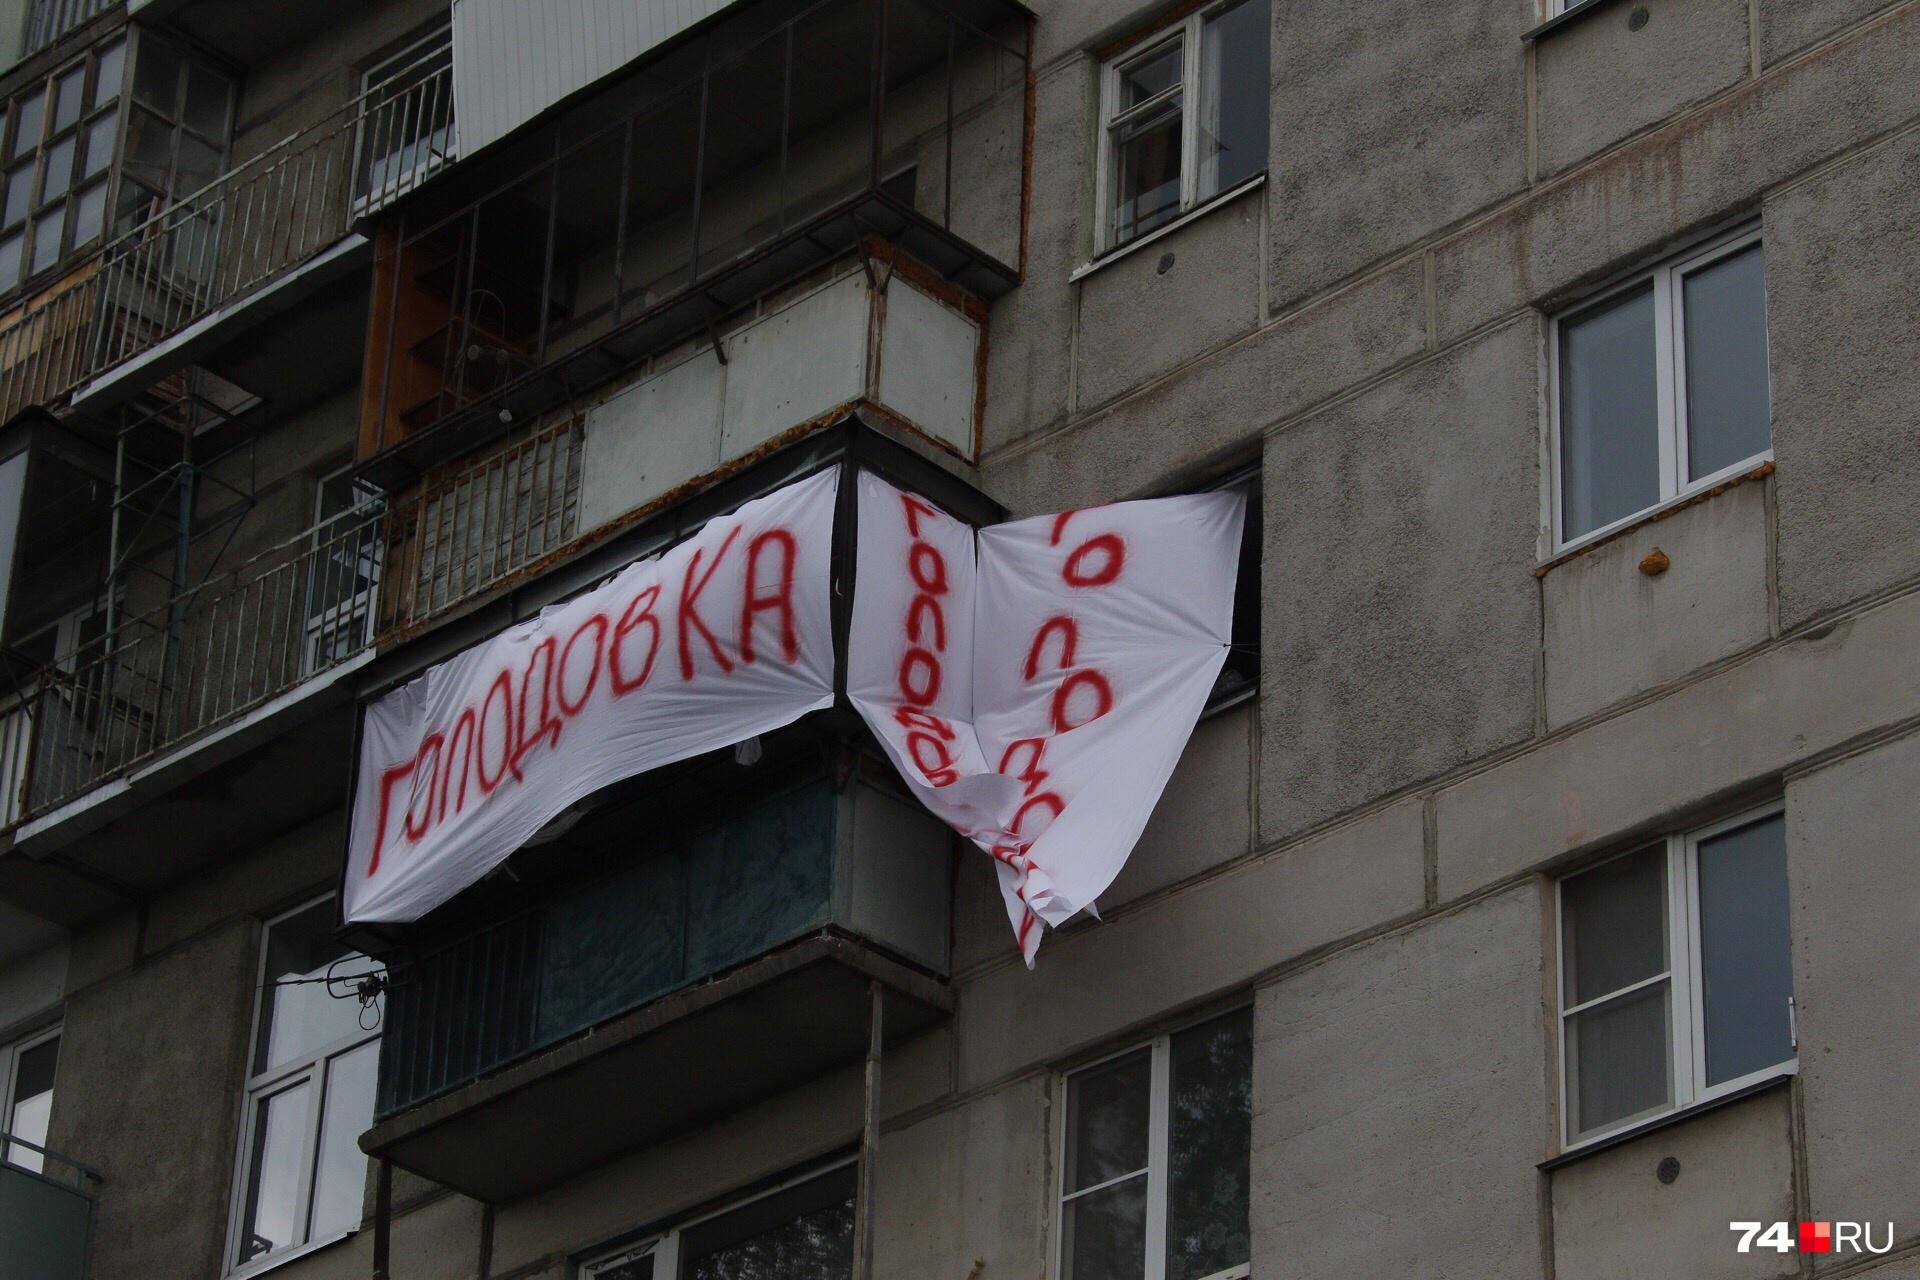 Растяжку с надписью «голодовка» на балконе пострадавшего от взрыва дома на Карла Маркса, 164 вывесили около часа дня